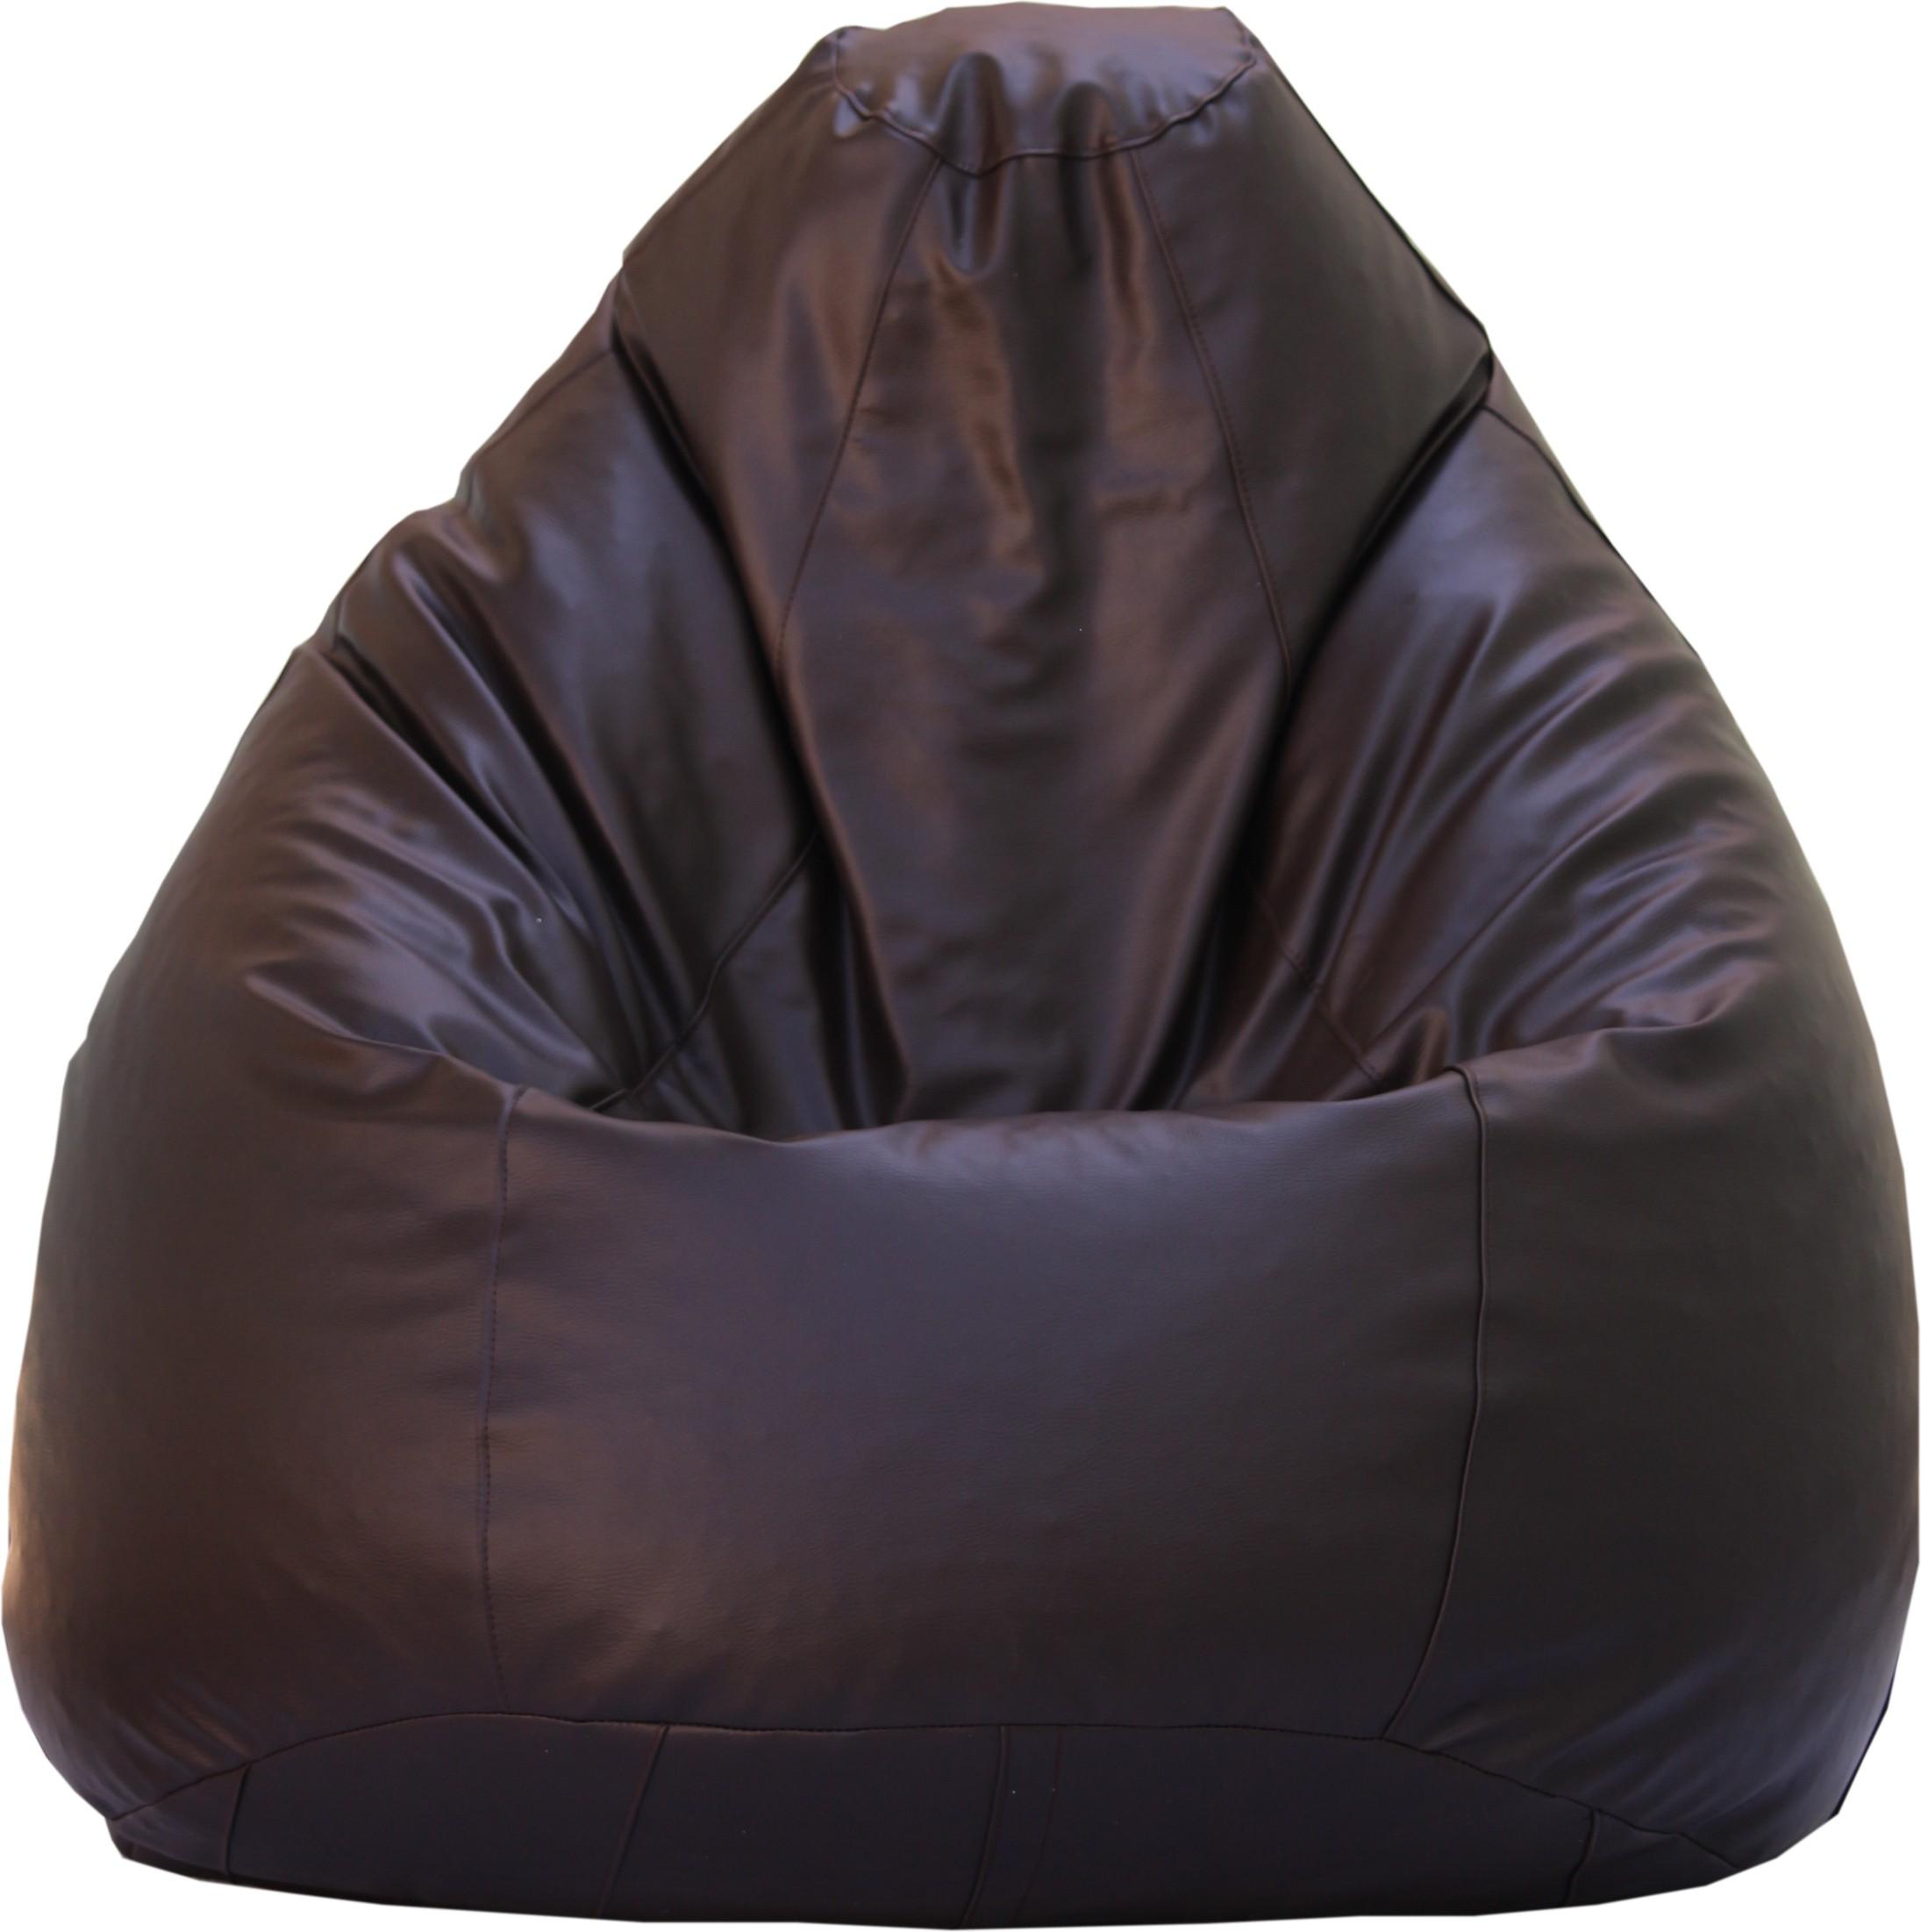 View Beanskart XXXL Bean Bag XXXL (Filled With Beans) Bean Bag  With Bean Filling(Brown) Furniture (Beanskart)